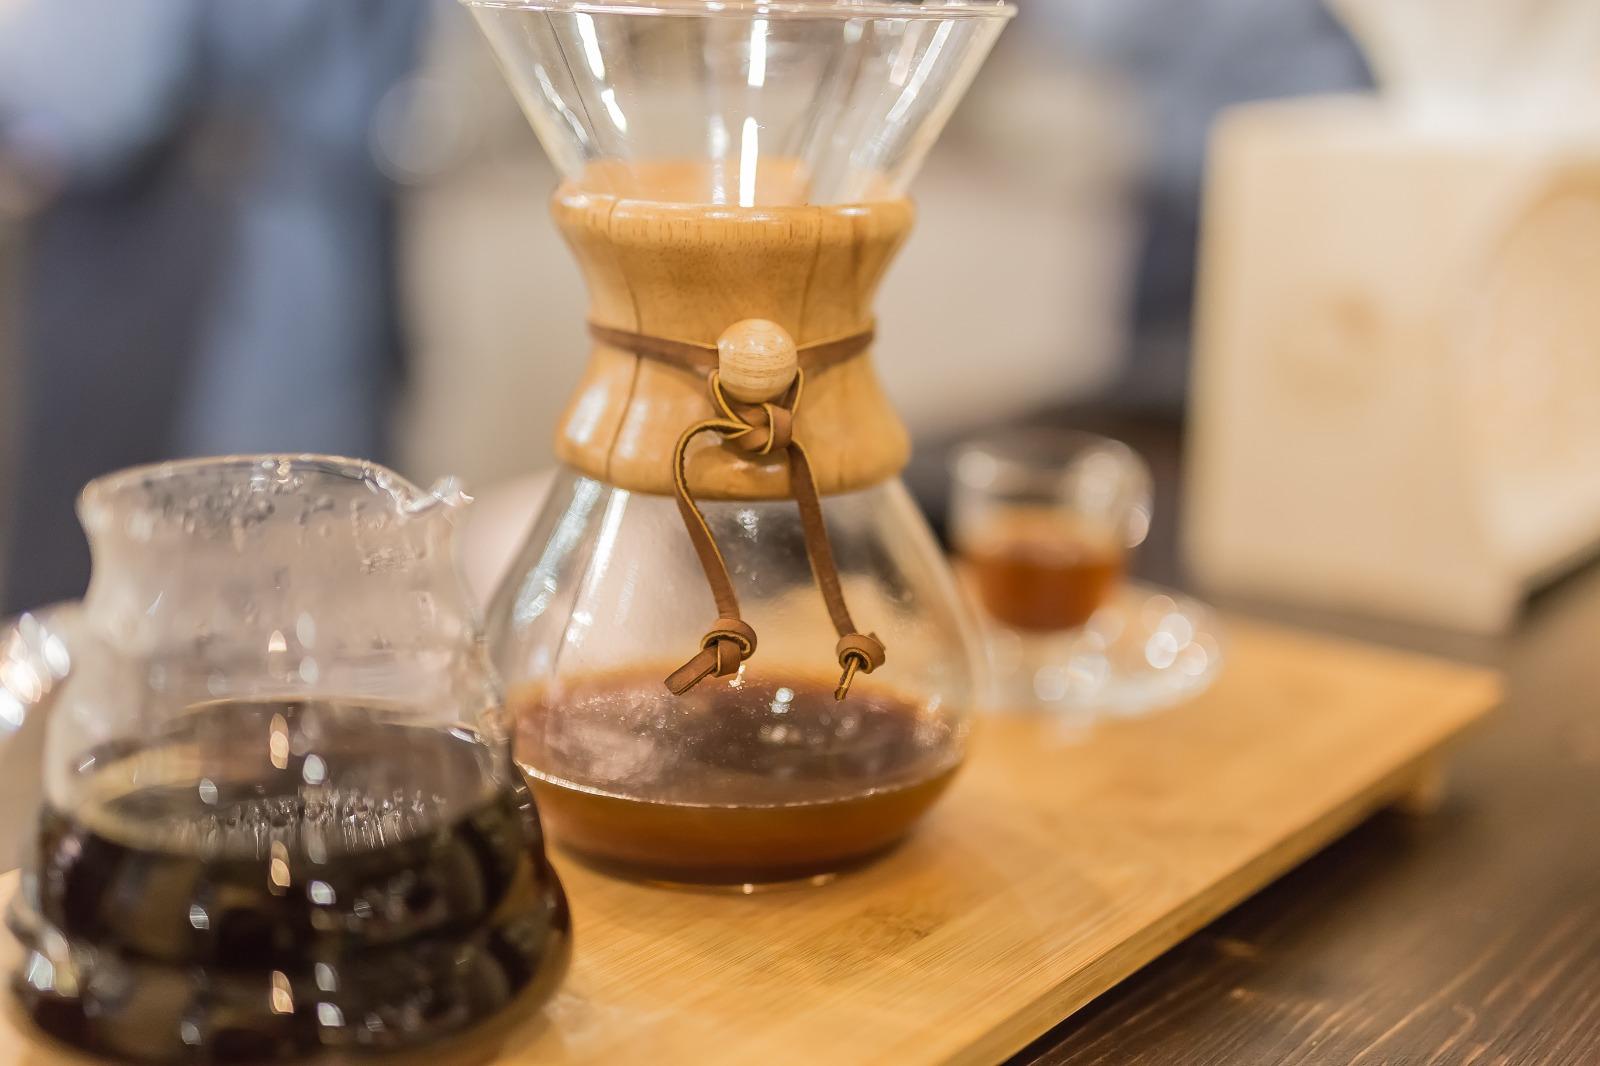 Sembra un infuso ma non lo è: scopriamo il mondo del Caffè filtro